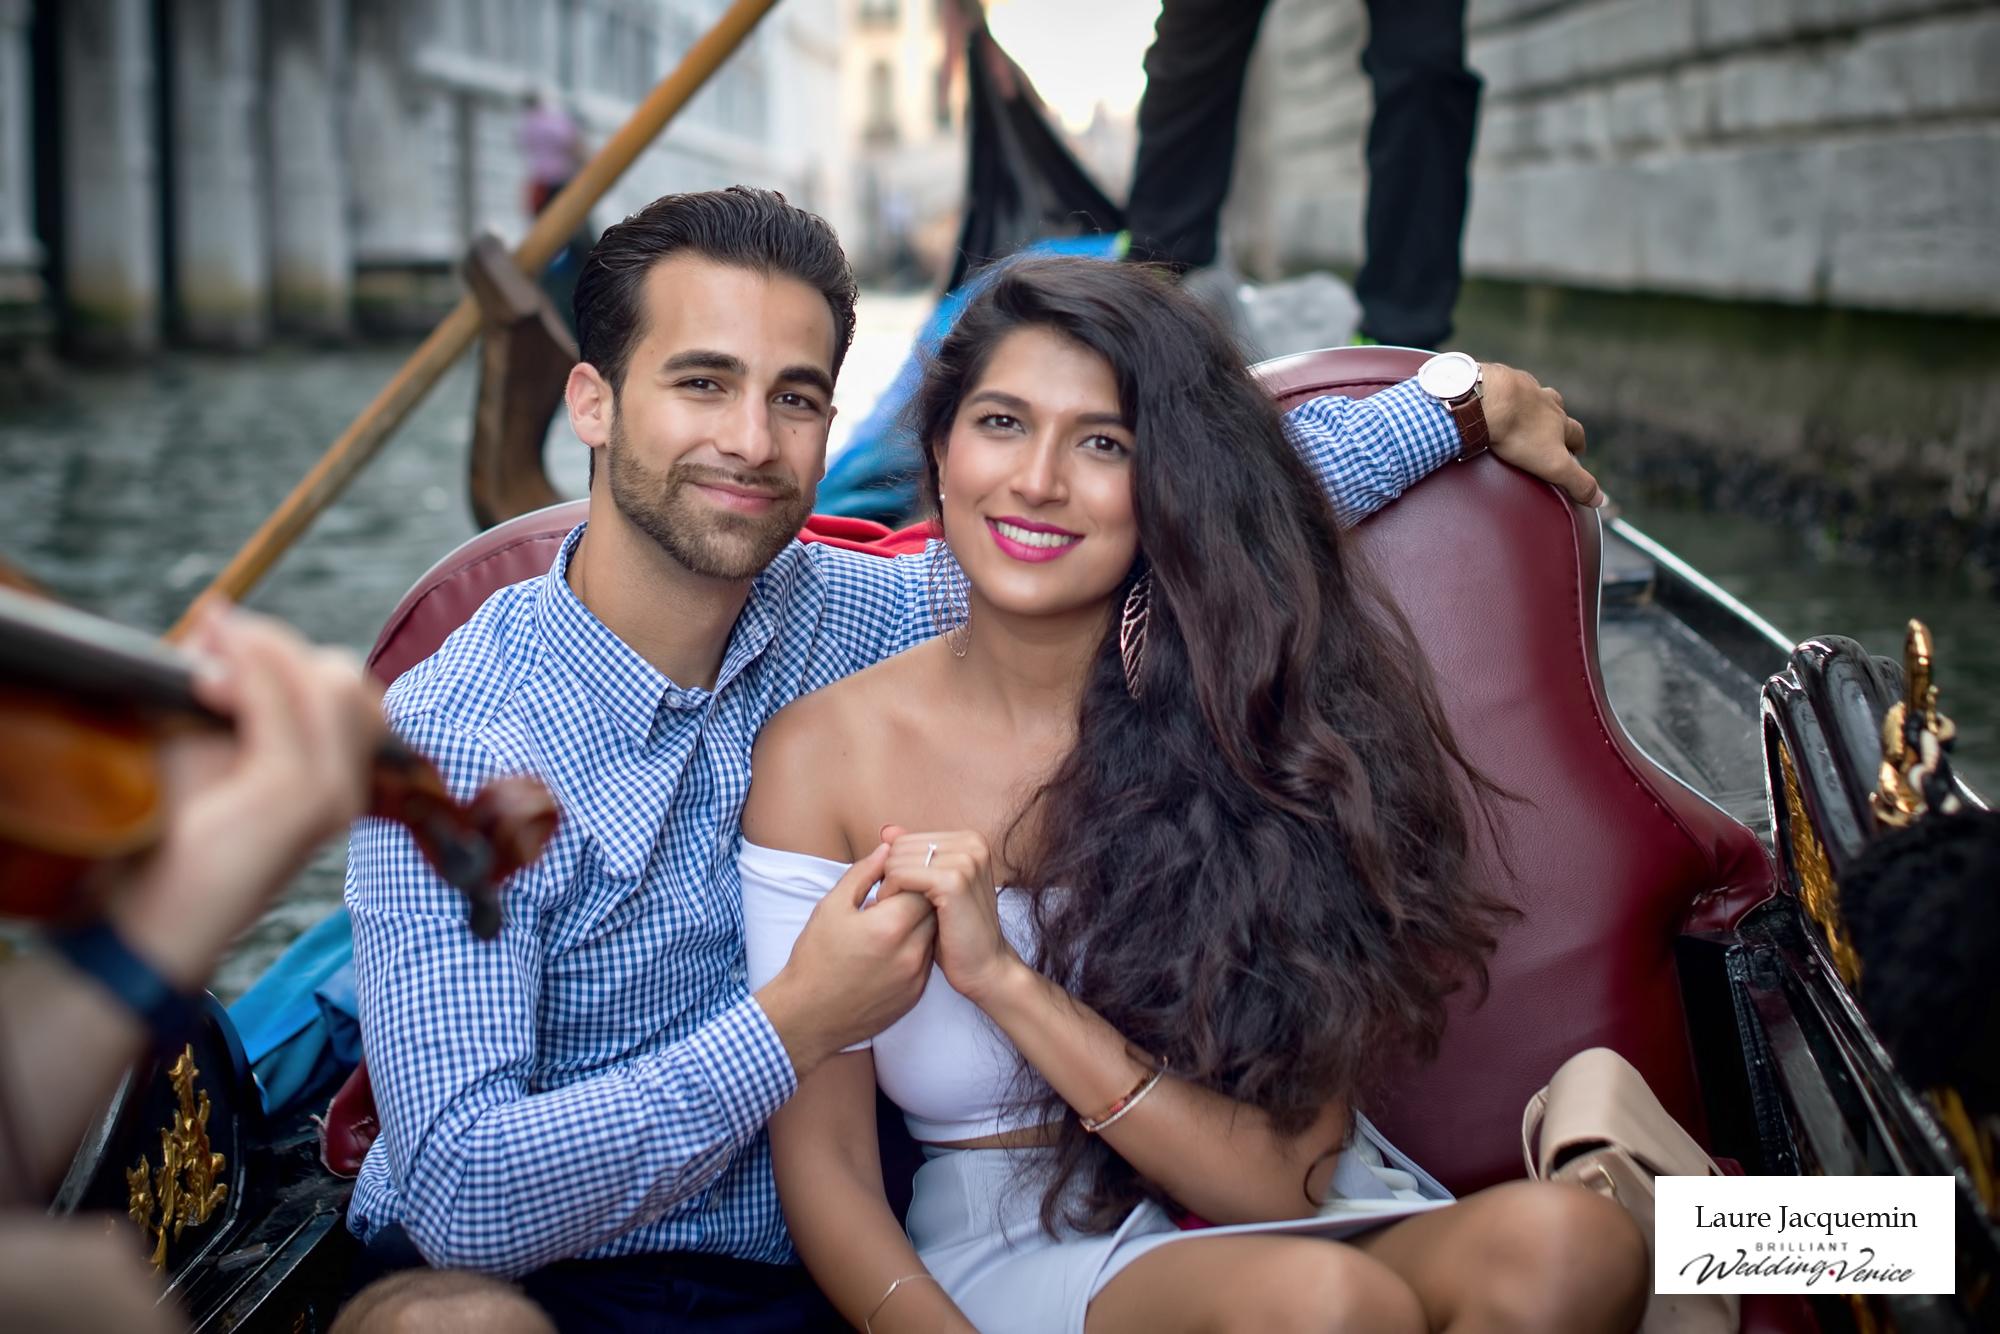 venise gondole banner fiancaille photographe demande mariage laure jacquemin (19)